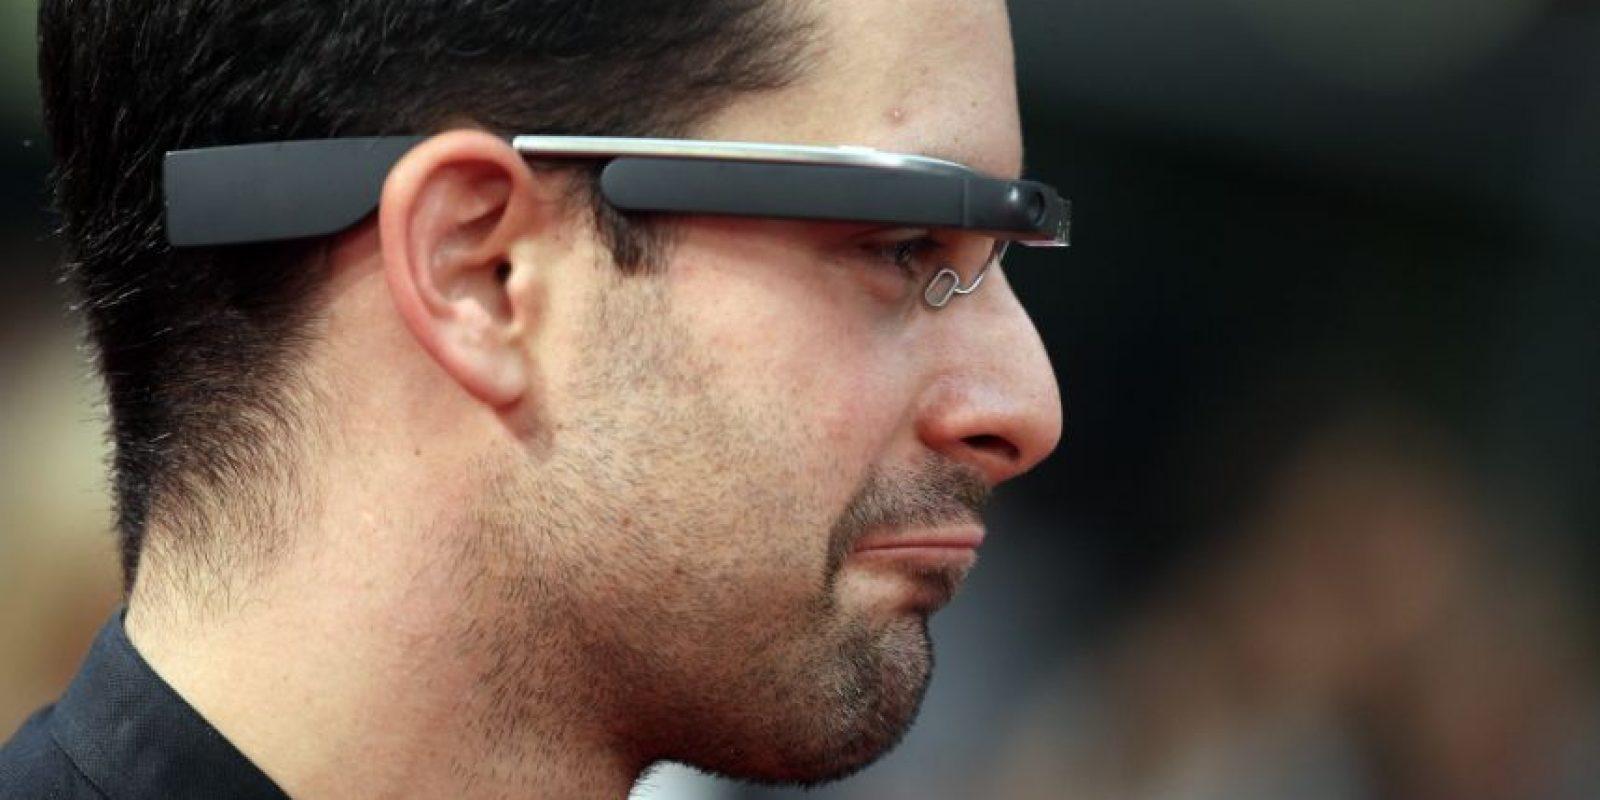 Habrá que esperar qué le depara a este dispositivo. Foto:Getty Images